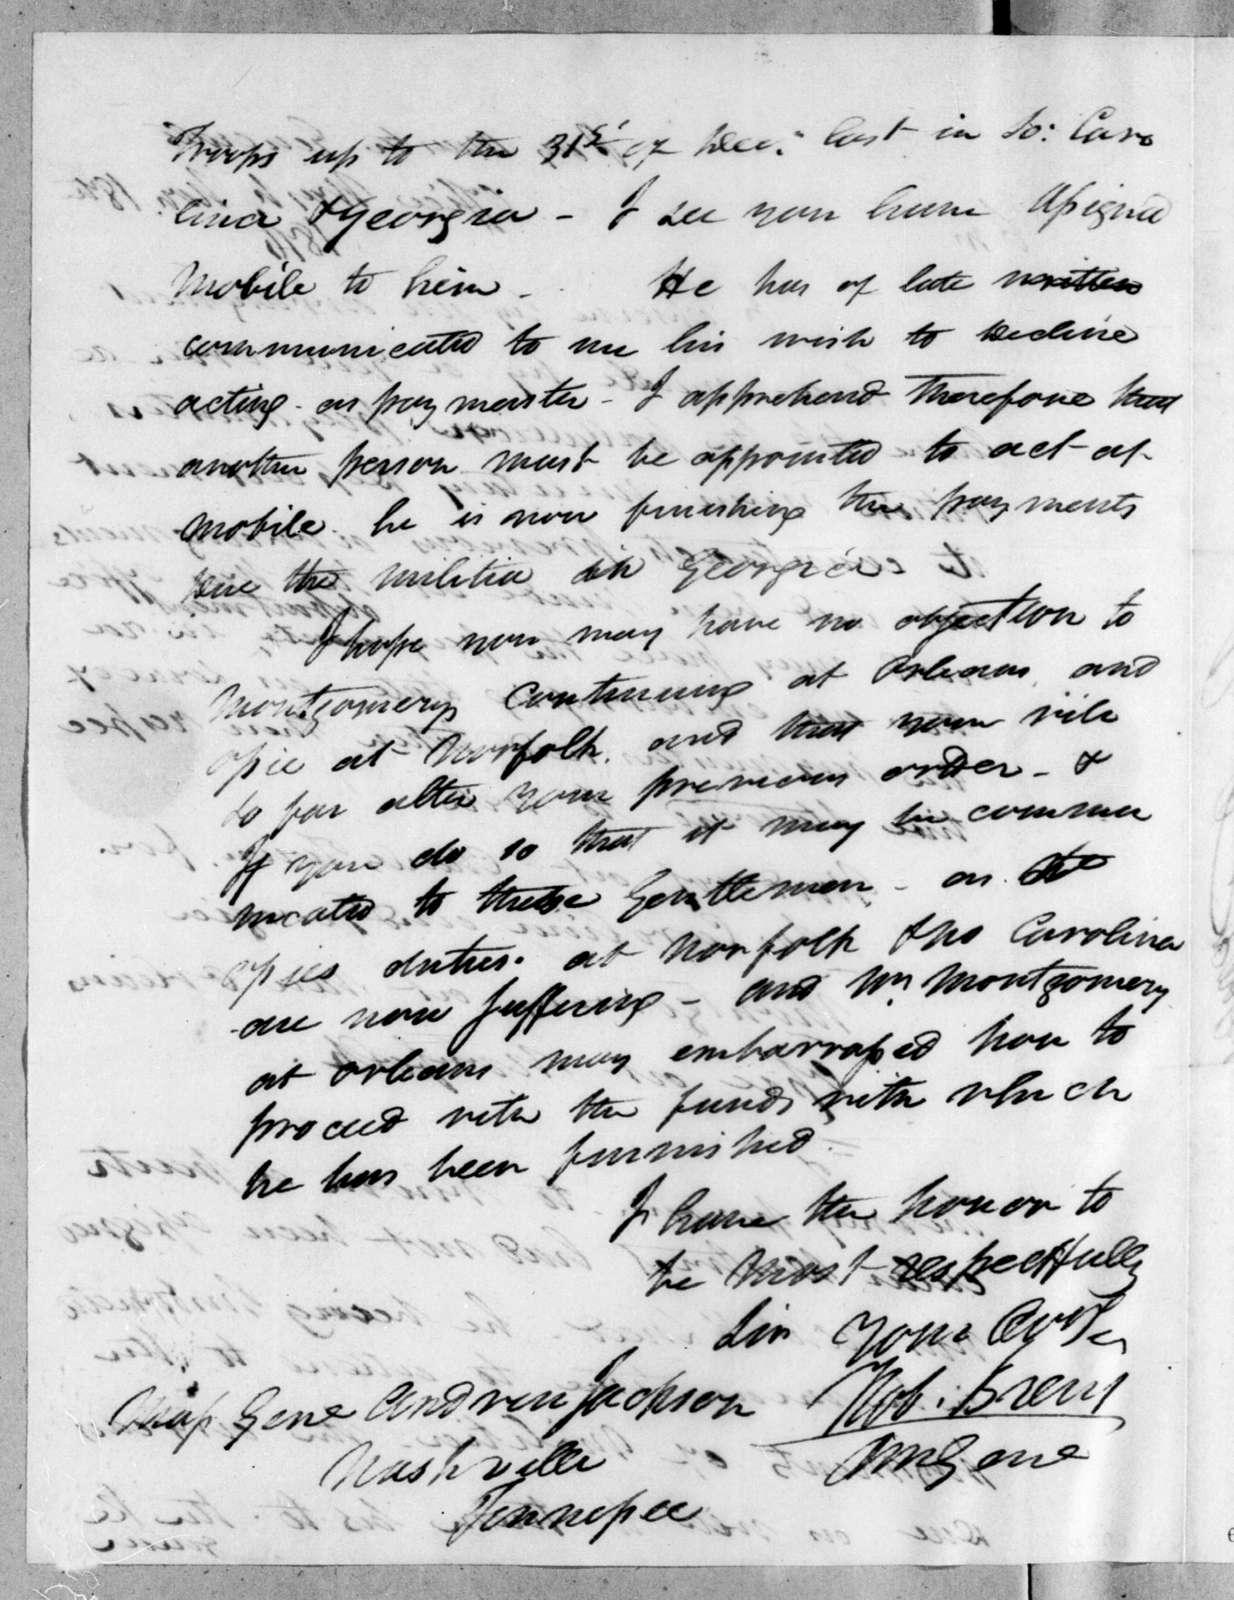 Robert Brent to Andrew Jackson, November 18, 1816